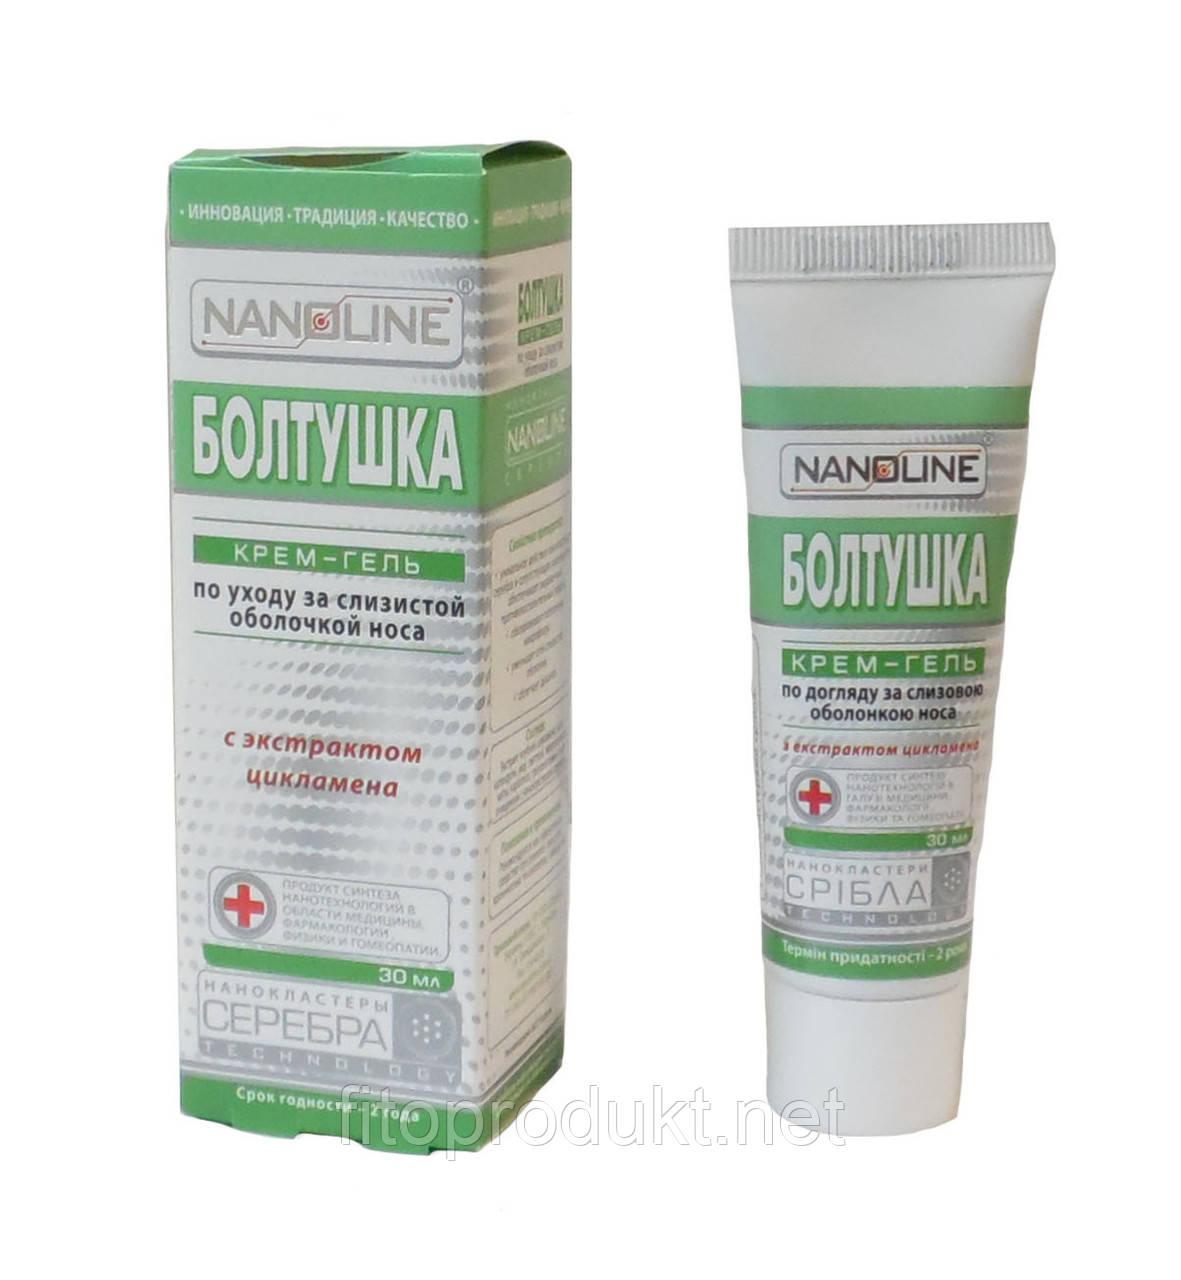 Болтушка крем-гель для носа 30 мл NanoLine